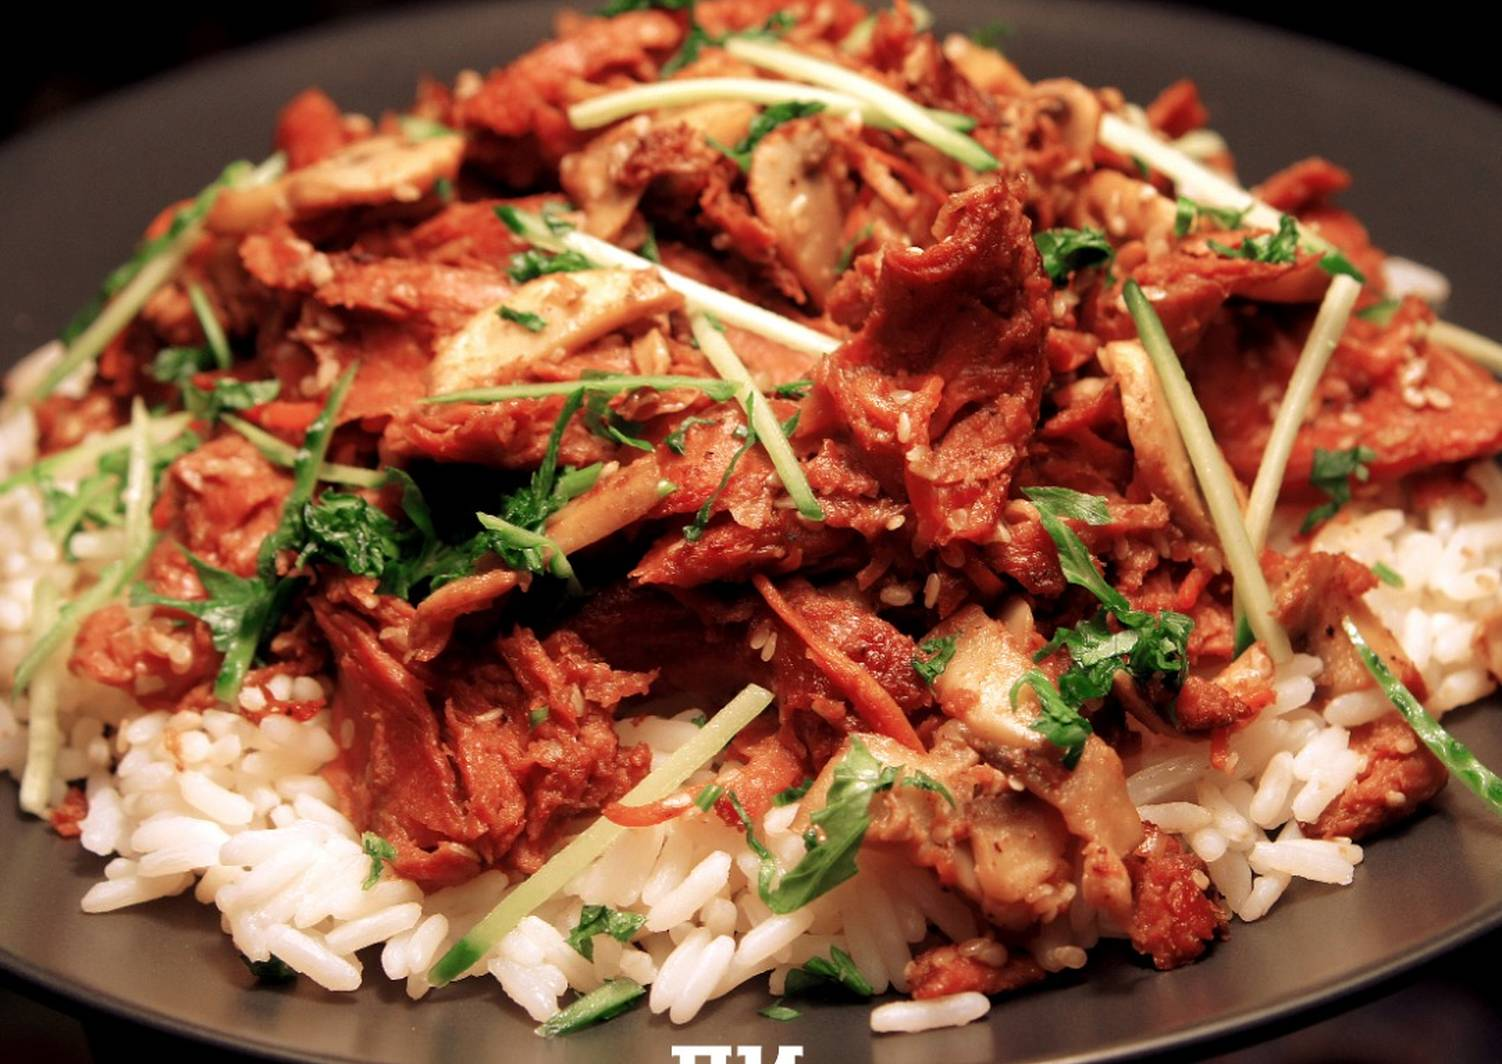 мясо по тайски рецепт с пошаговым фото божок всегда была